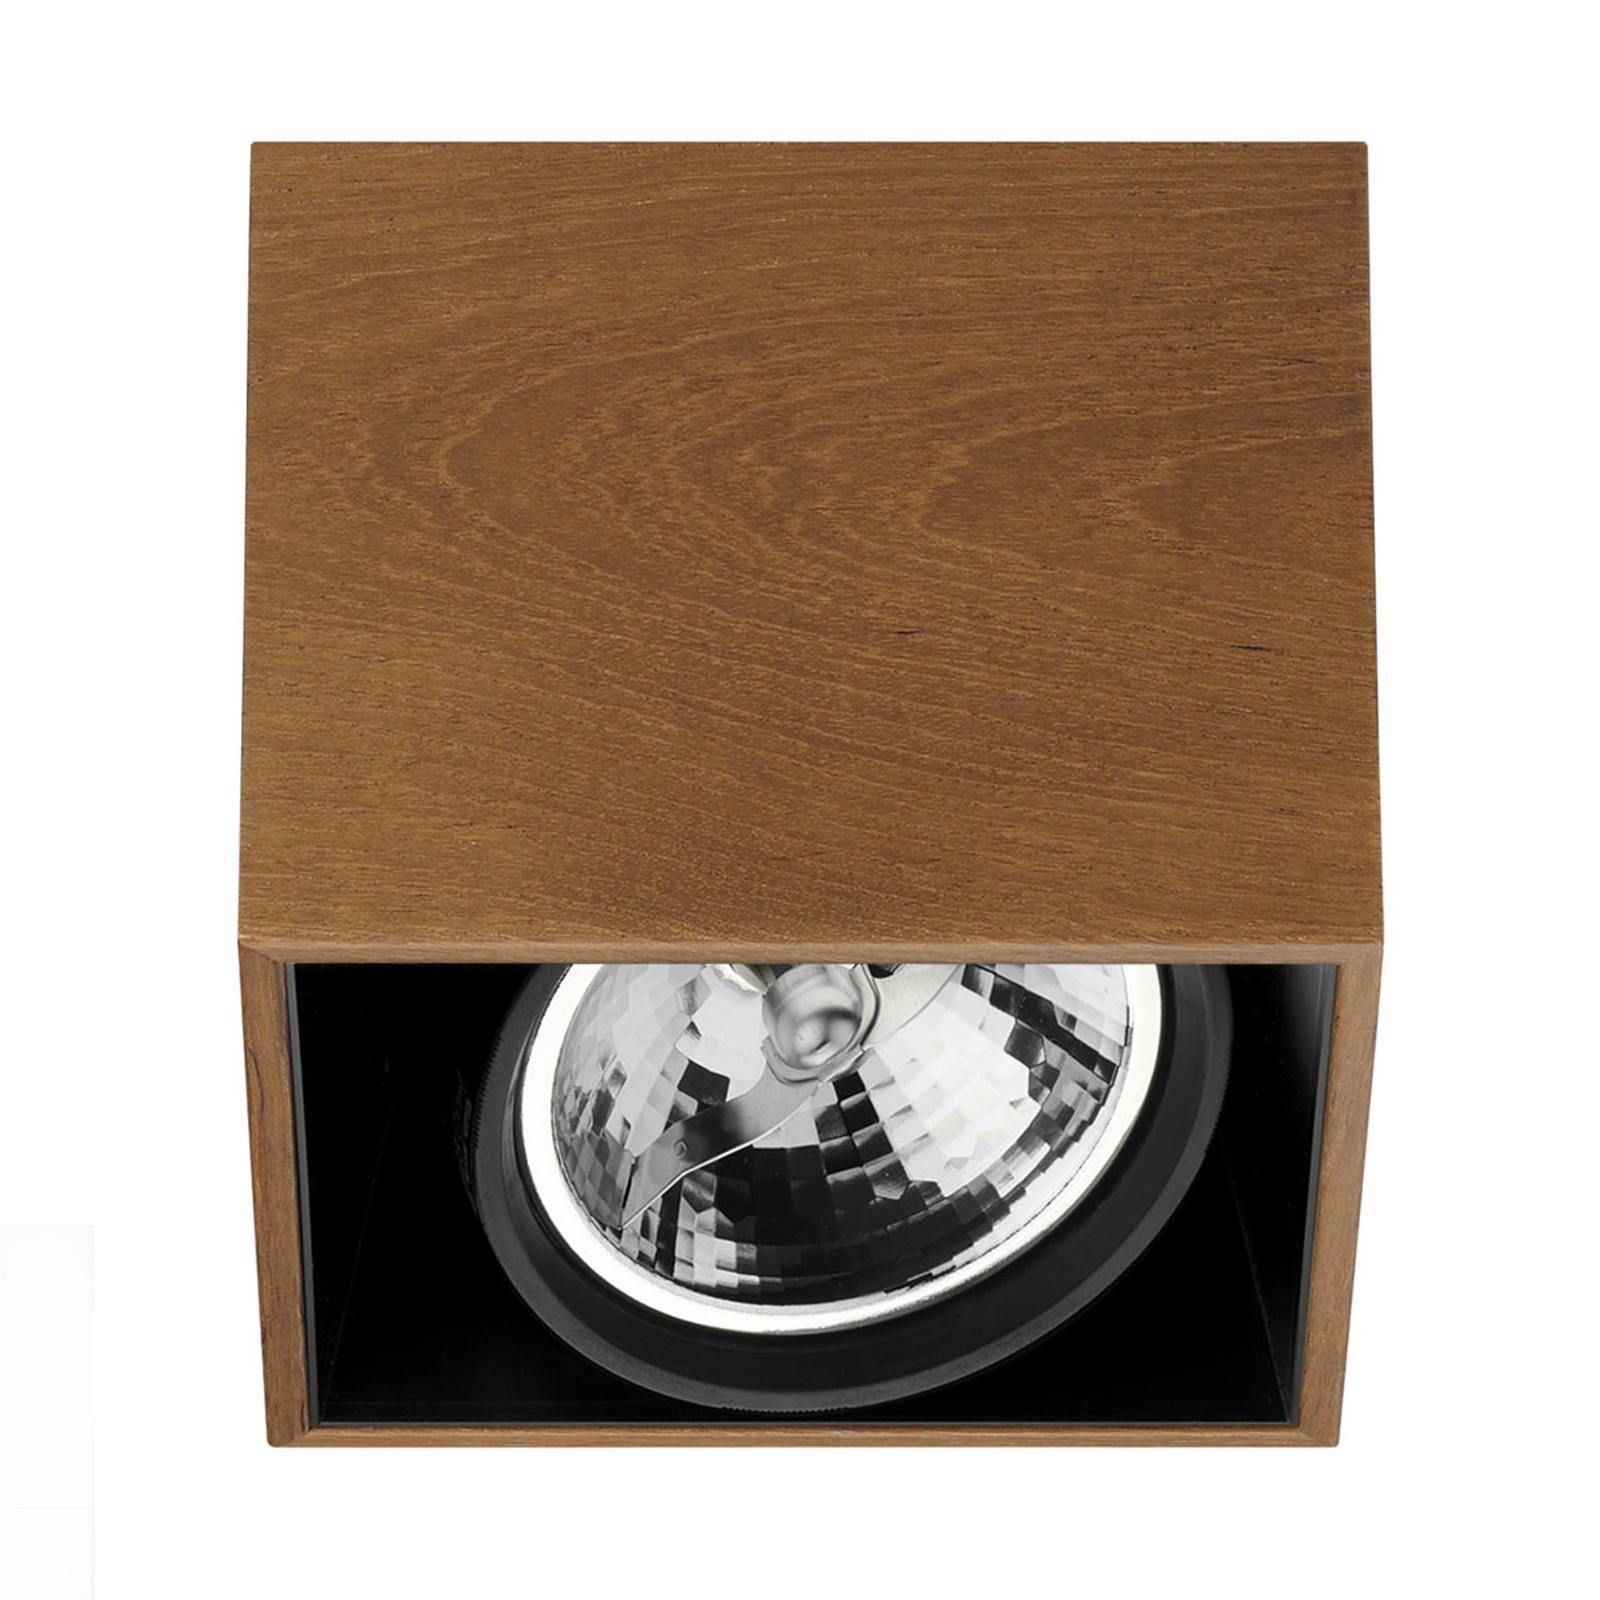 FLOS Compass Box H135 - Deckenleuchte teak